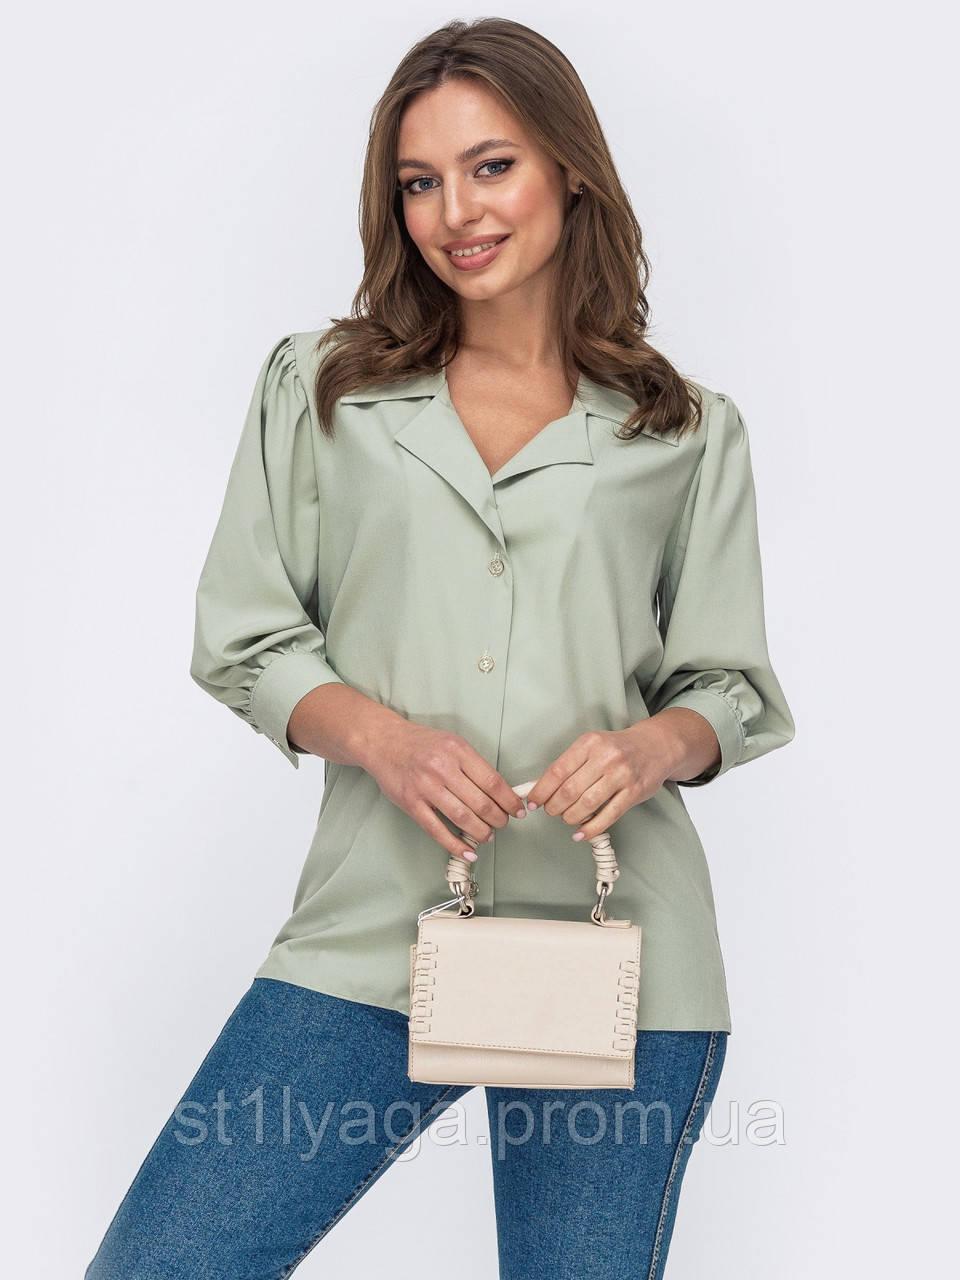 Стильная зеленая блузка на застежке пуговицы и рукавом три четверти